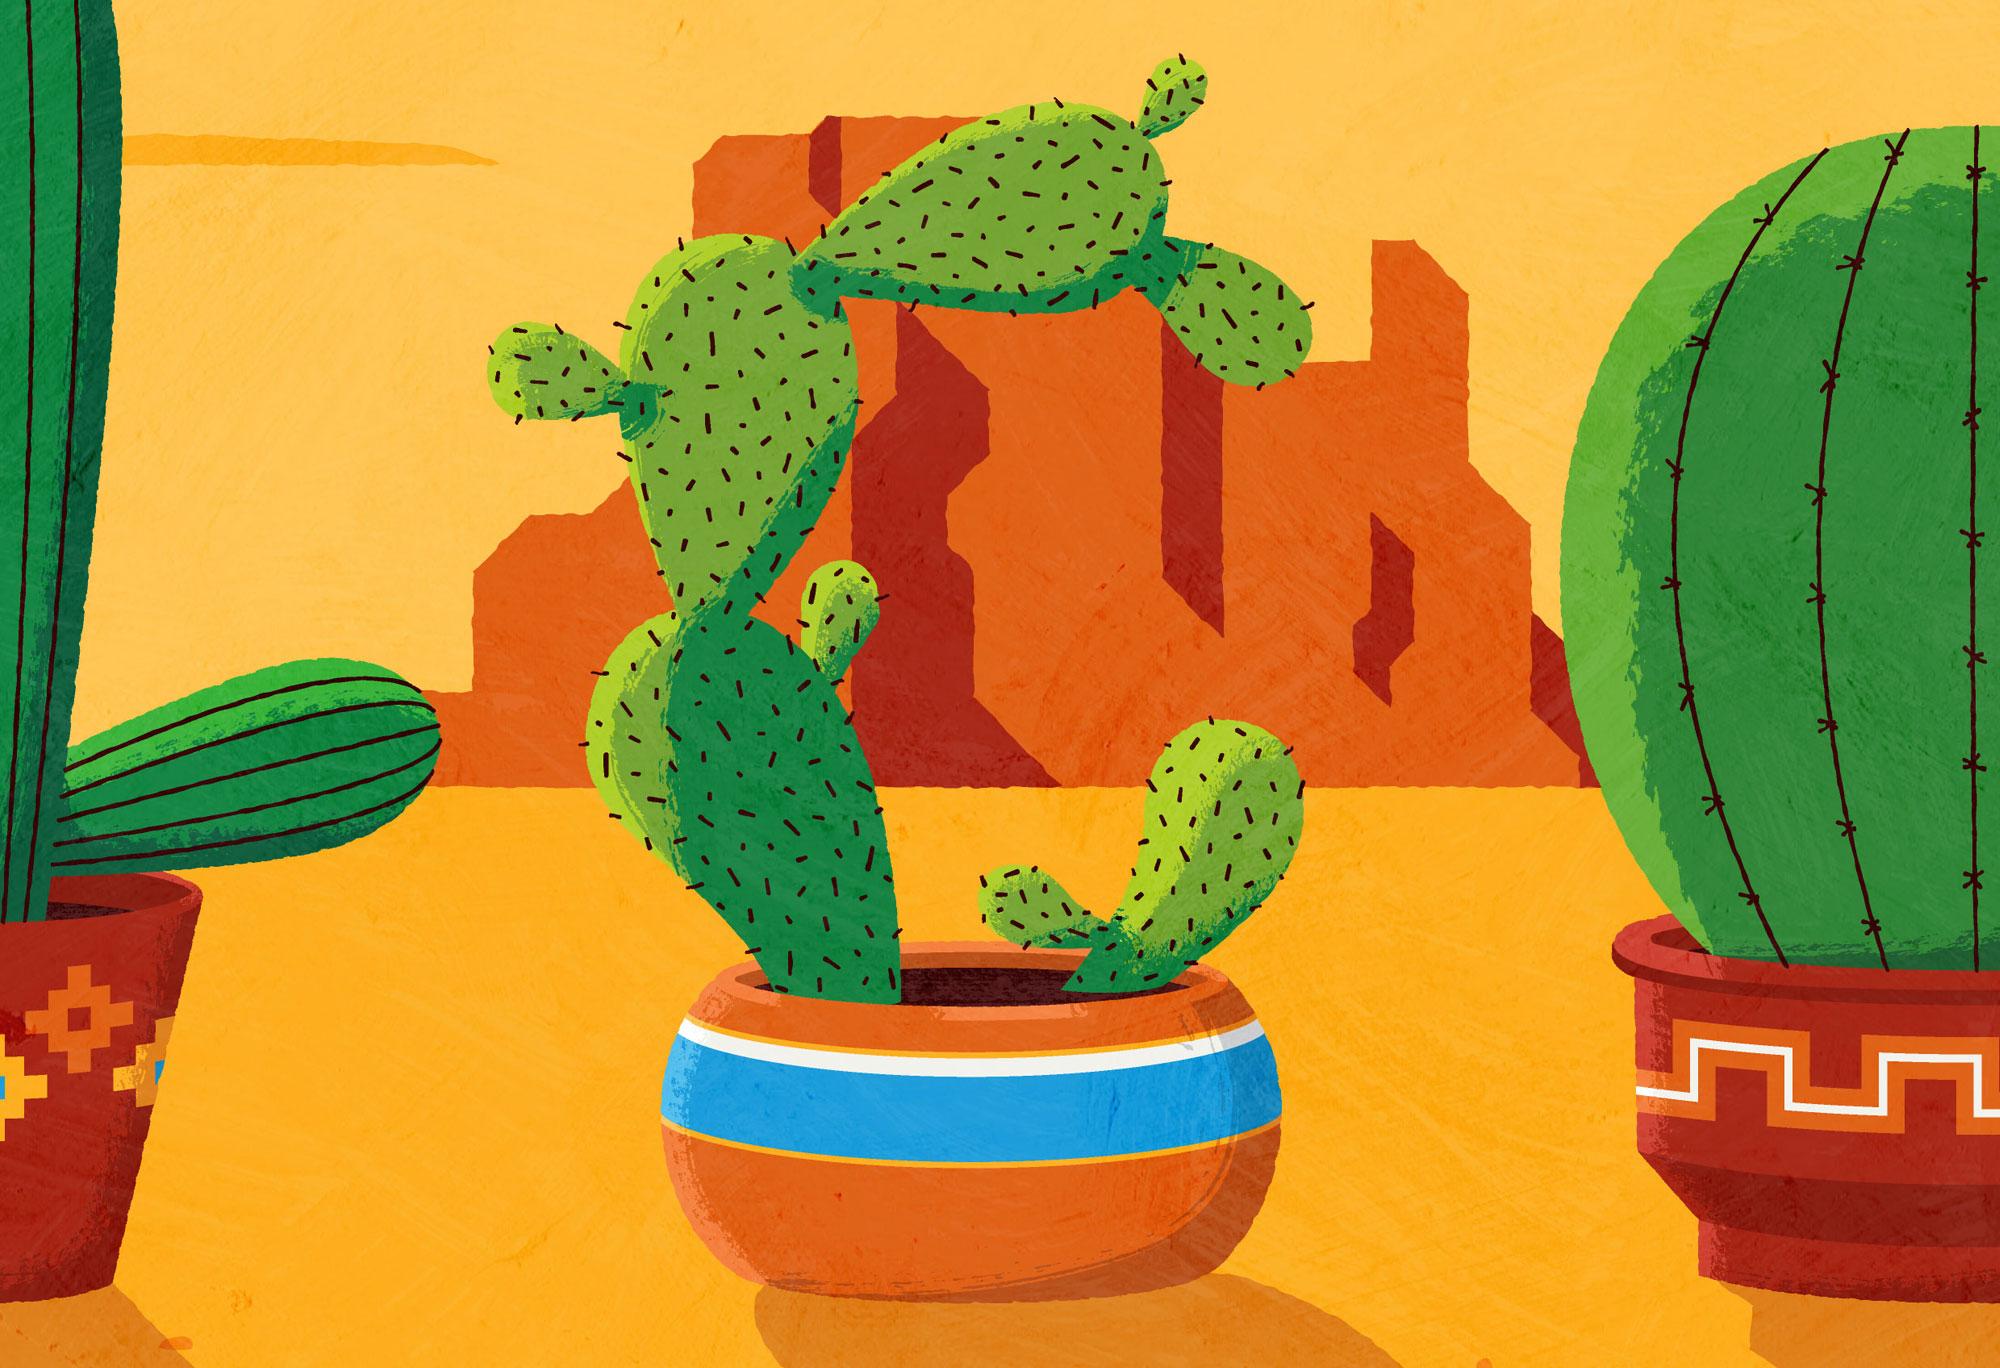 cactus_zoom.jpg